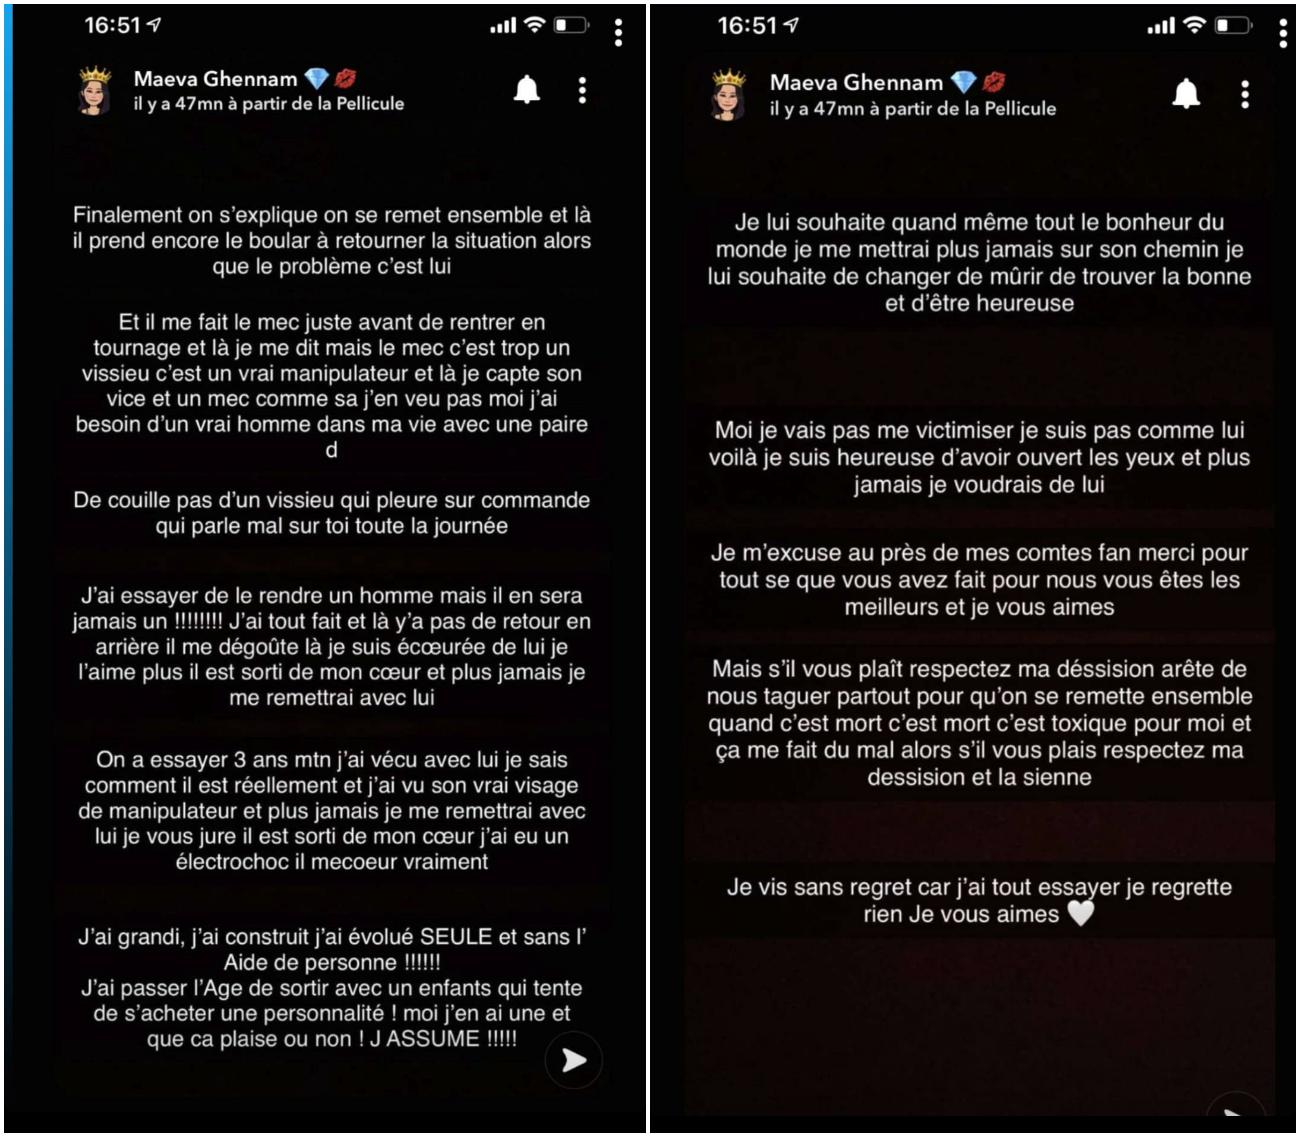 """Maeva Ghennam dézingue Greg Yega qu'elle qualifie de manipulateur : """"Il pleure sur commande"""""""